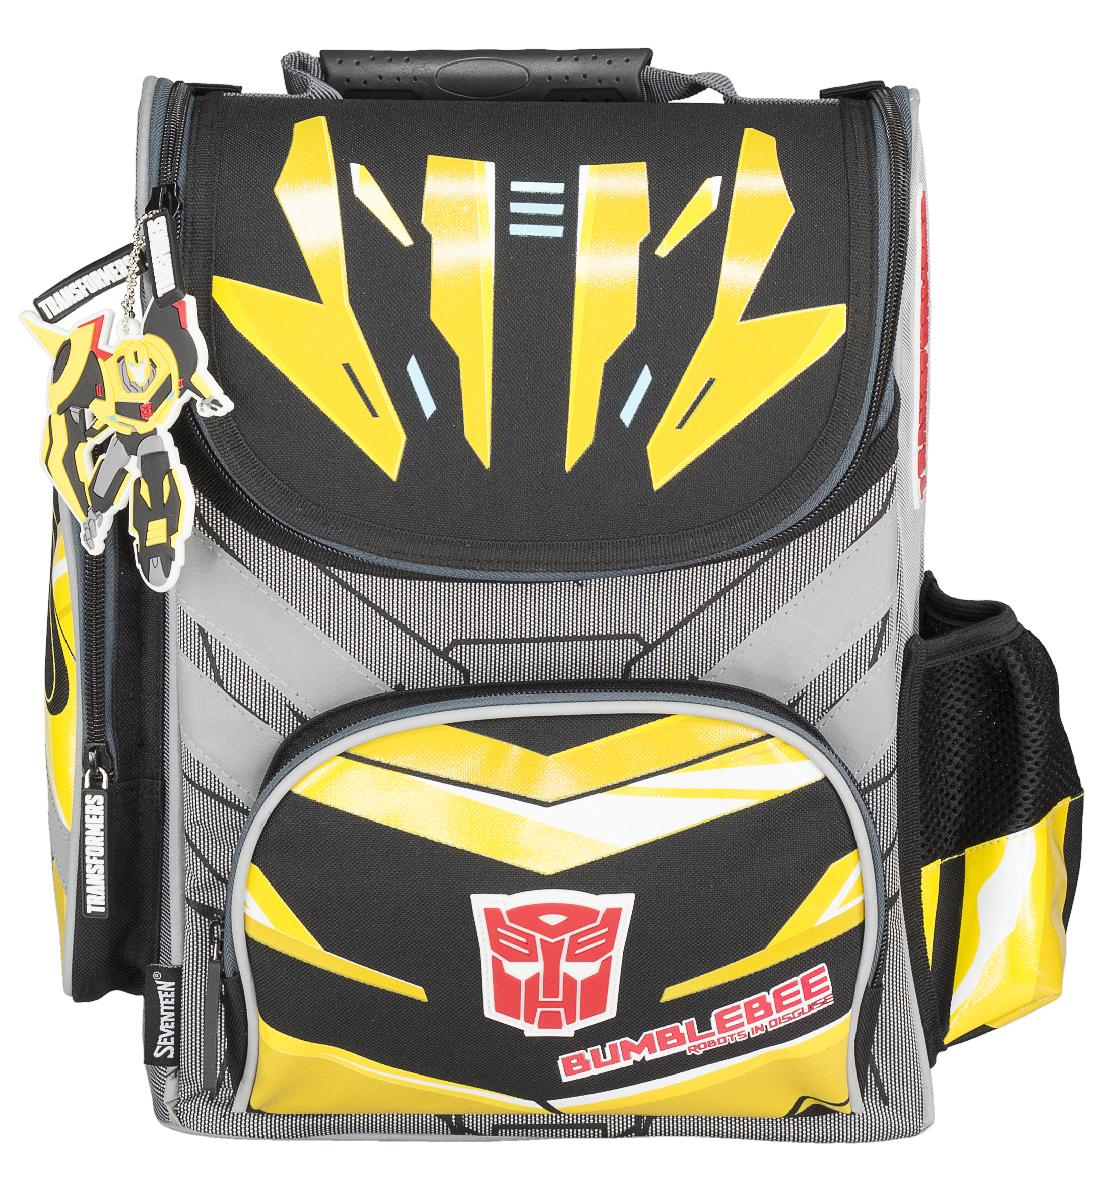 Transformers Prime Ранец профилактический с эргономической спинкой Transformers Prime404-5/441Ранец профилактический с эргономической спинкой. Спинка выполнена с использованием толстого поролона, усилена пластиком, жесткие боковые стороны. Внутри ранца имеется вместительное отделение с двумя разделителями, снаружи предусмотрены три кармана для аксессуаров, Размер 35 х 26,5 х 13 см, Transformers Prime